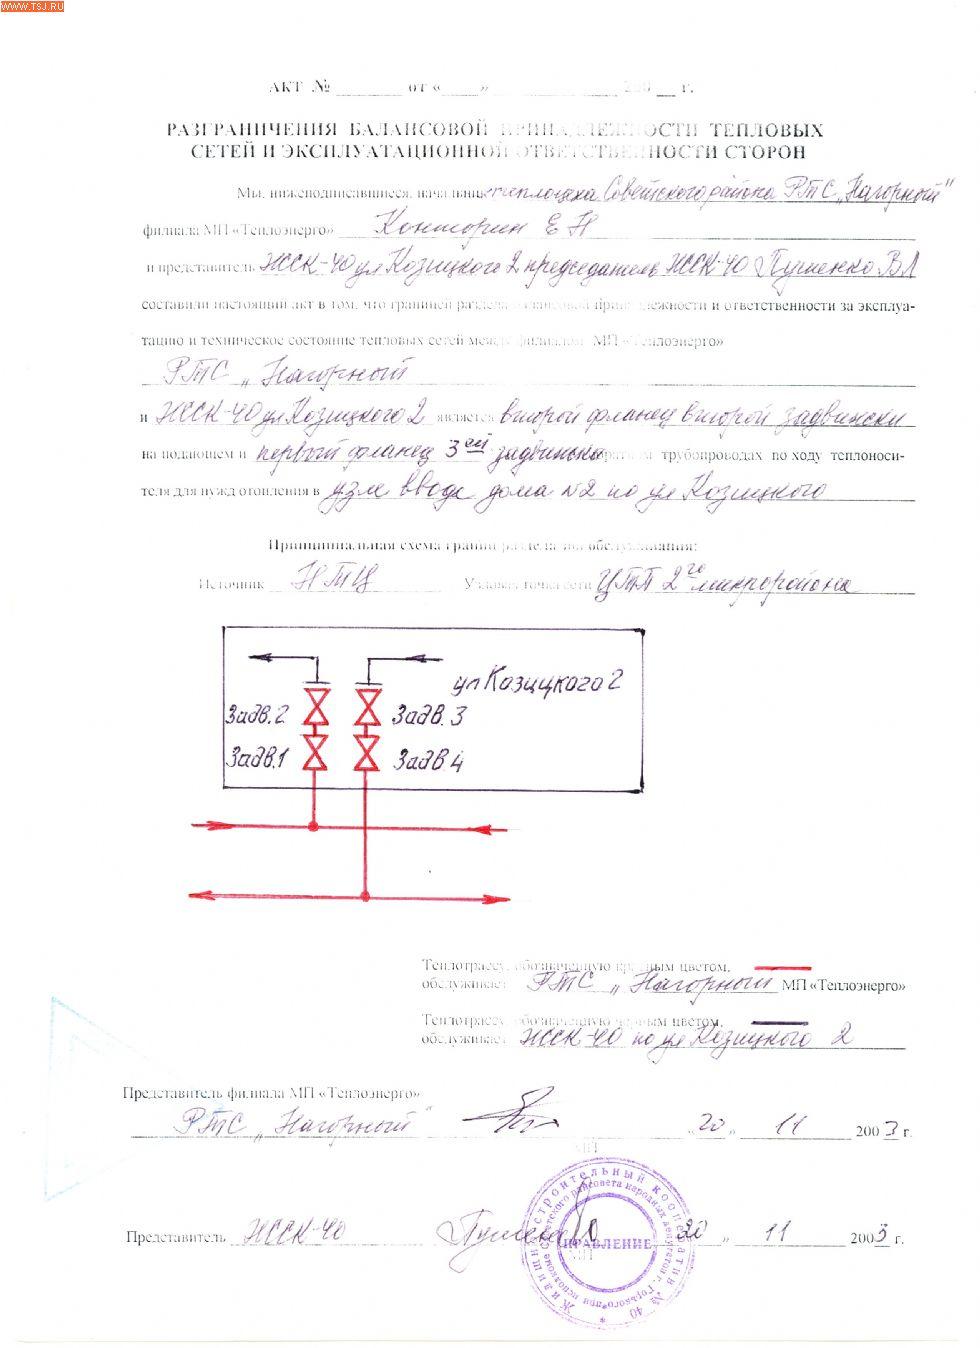 Акт Разграничения Балансовой Принадлежности Газопровода Образец